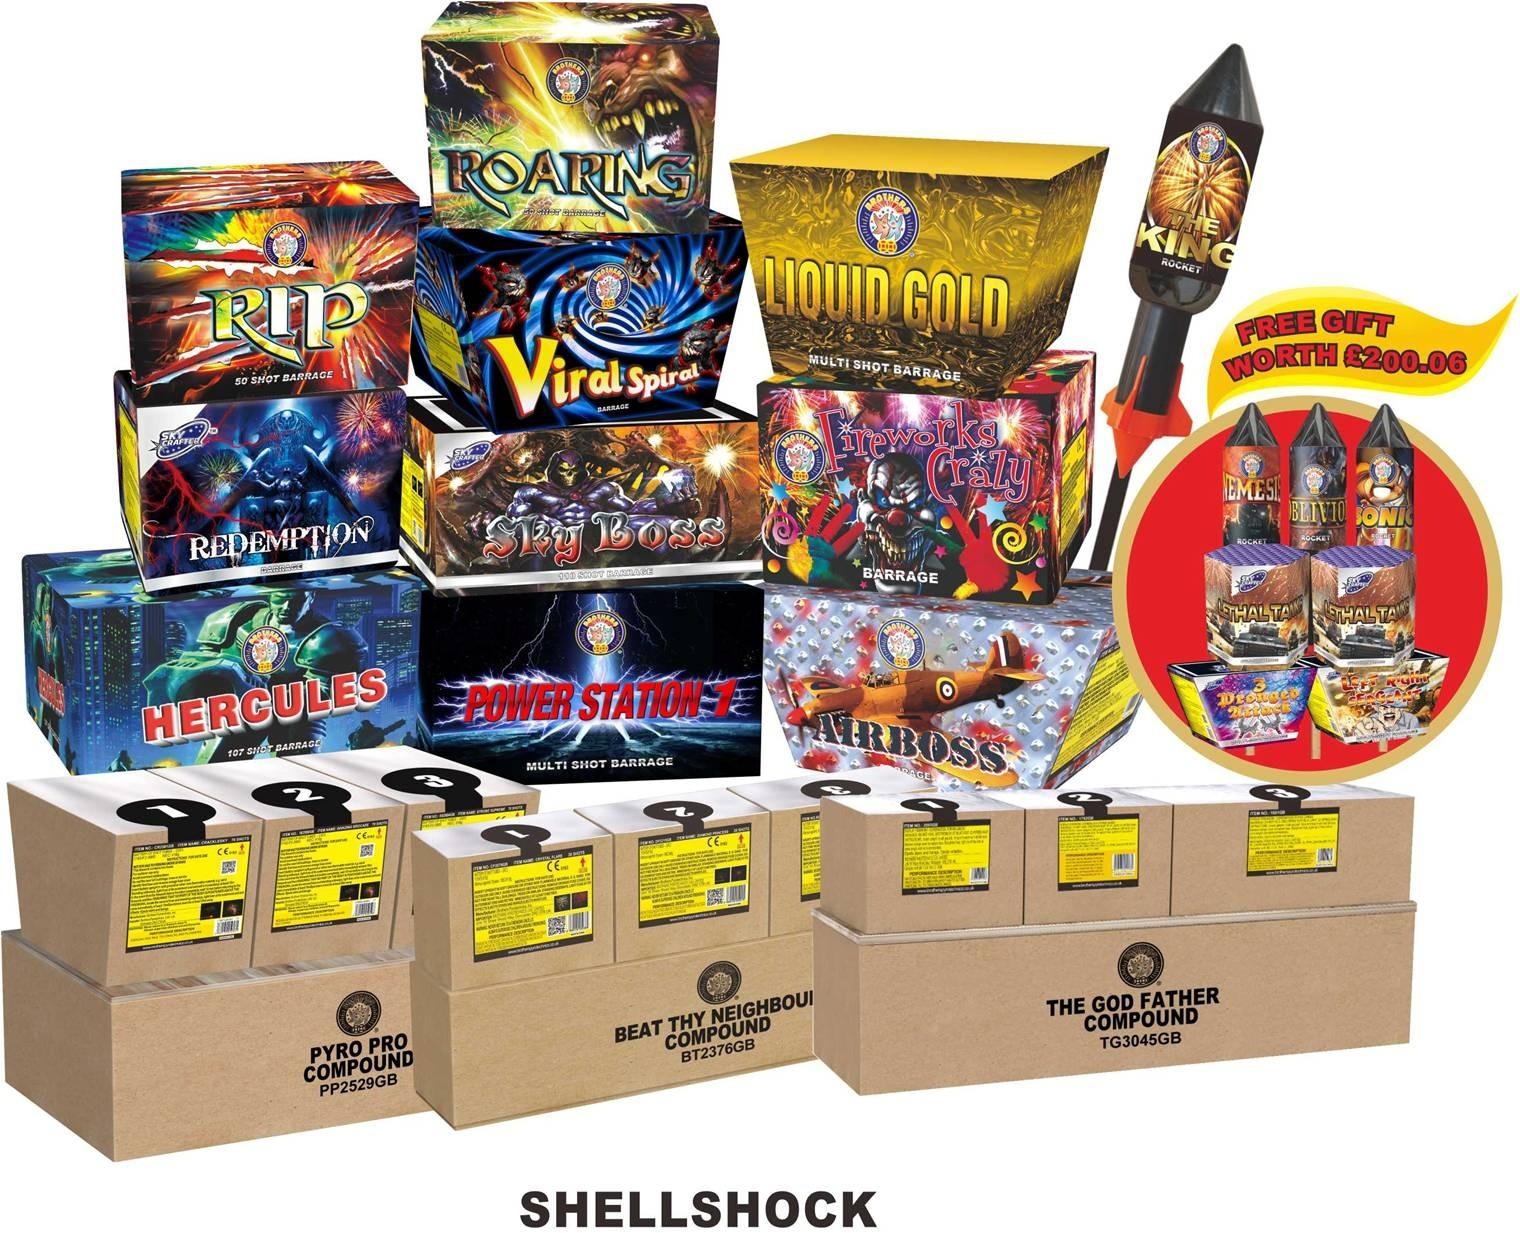 Shellshock By Fireworks Kingdom